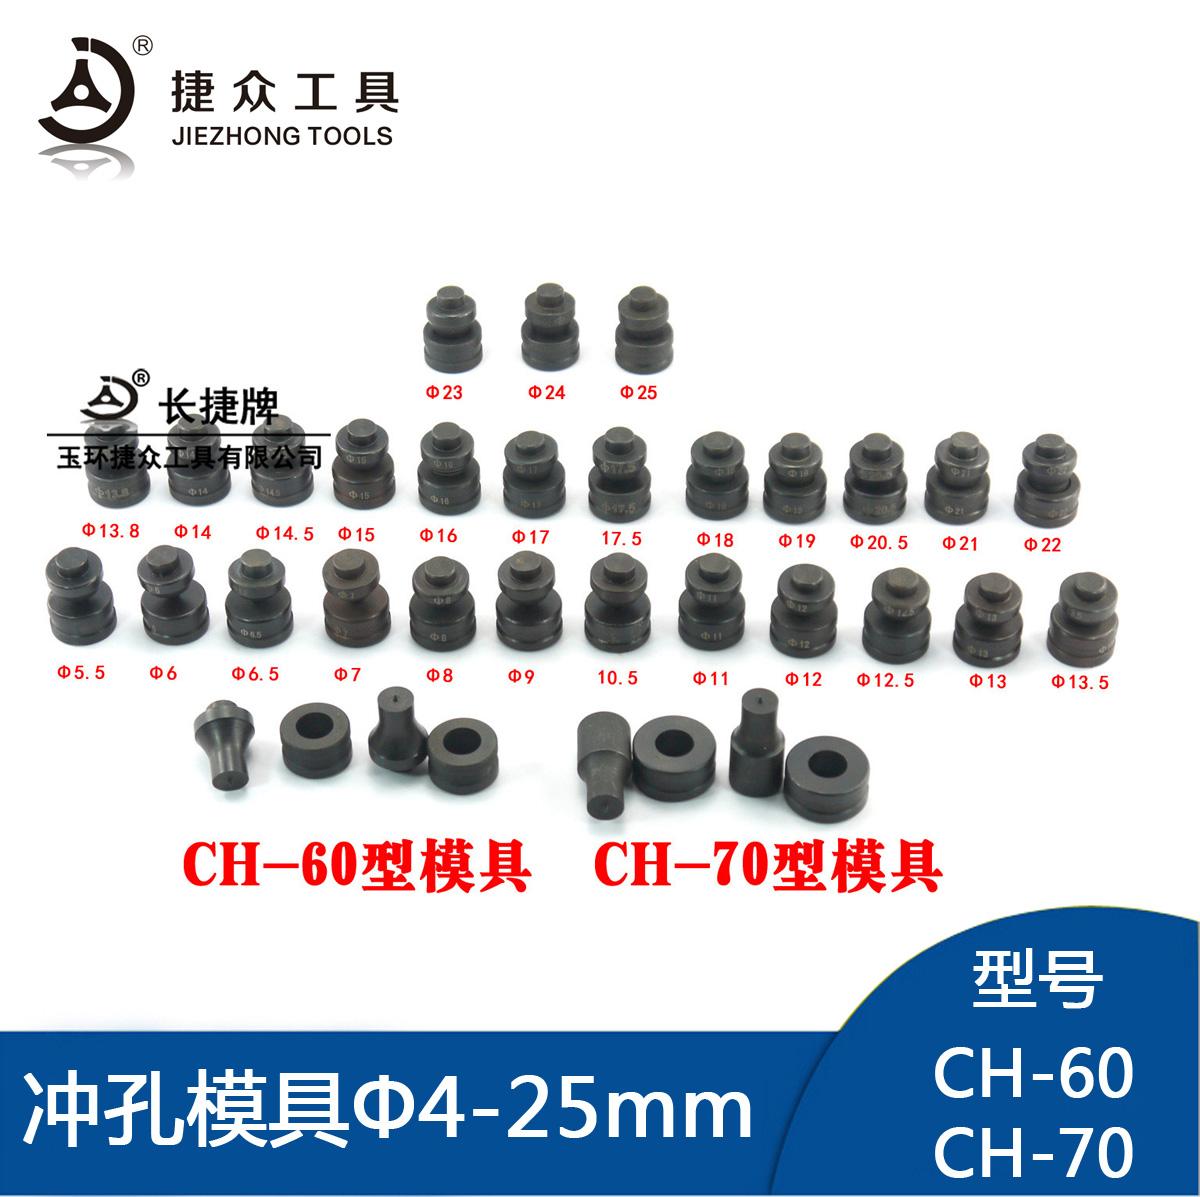 CH-70/60 гидравлическое давление перфорация машинально плесень гидравлическое давление перфорация устройство плесень некалиброванный сделать в наличии имеется большое количество товара